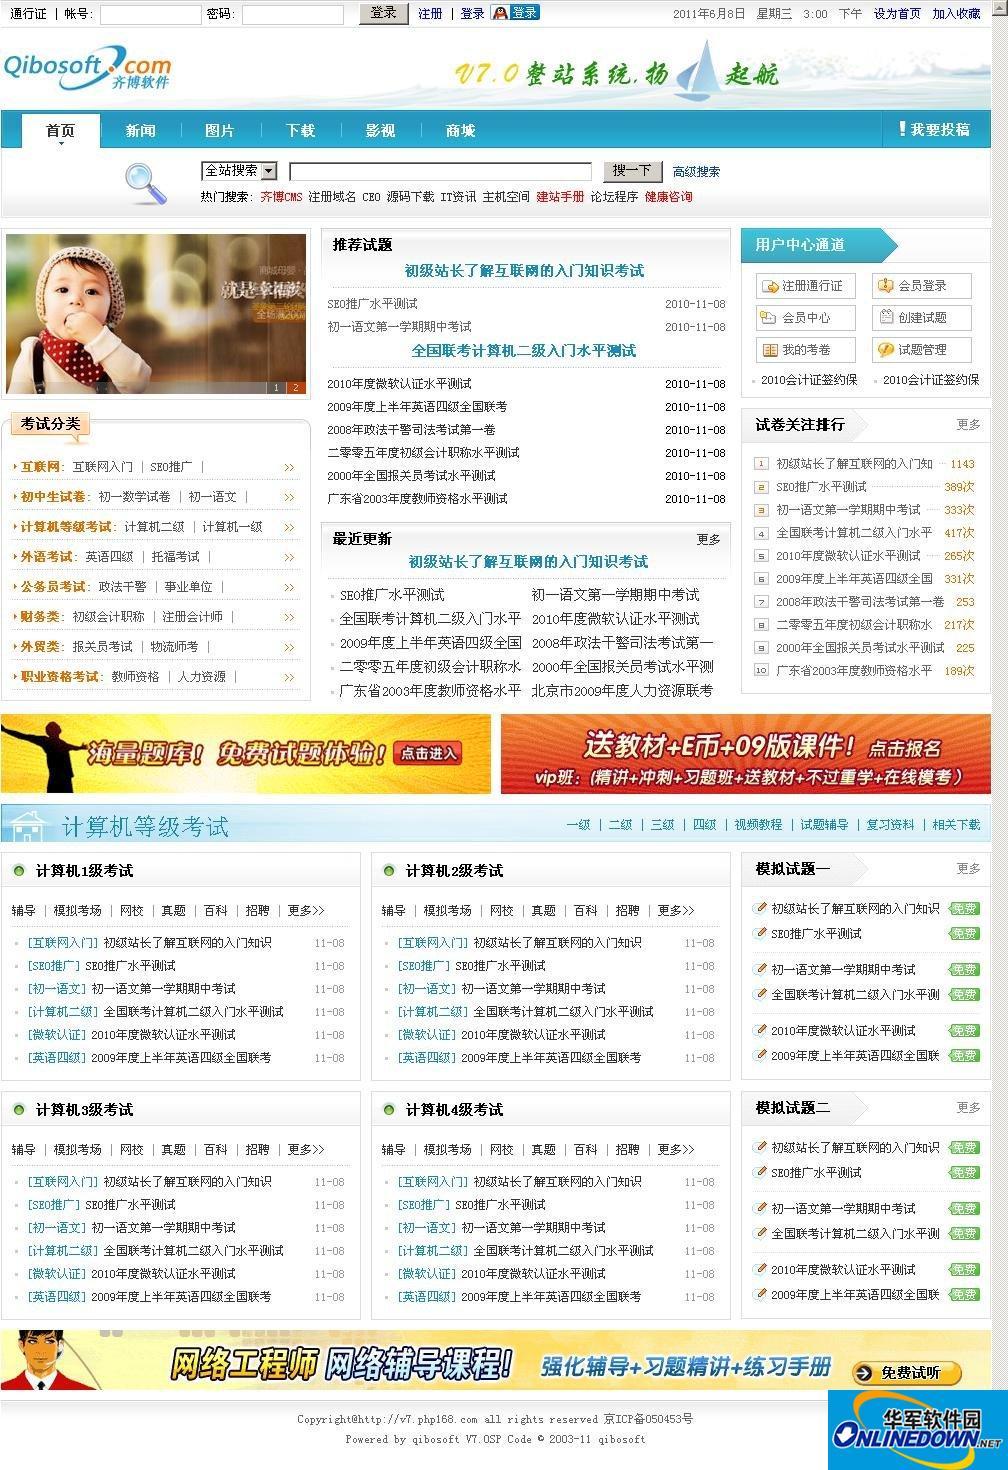 齐博考试系统 PC版